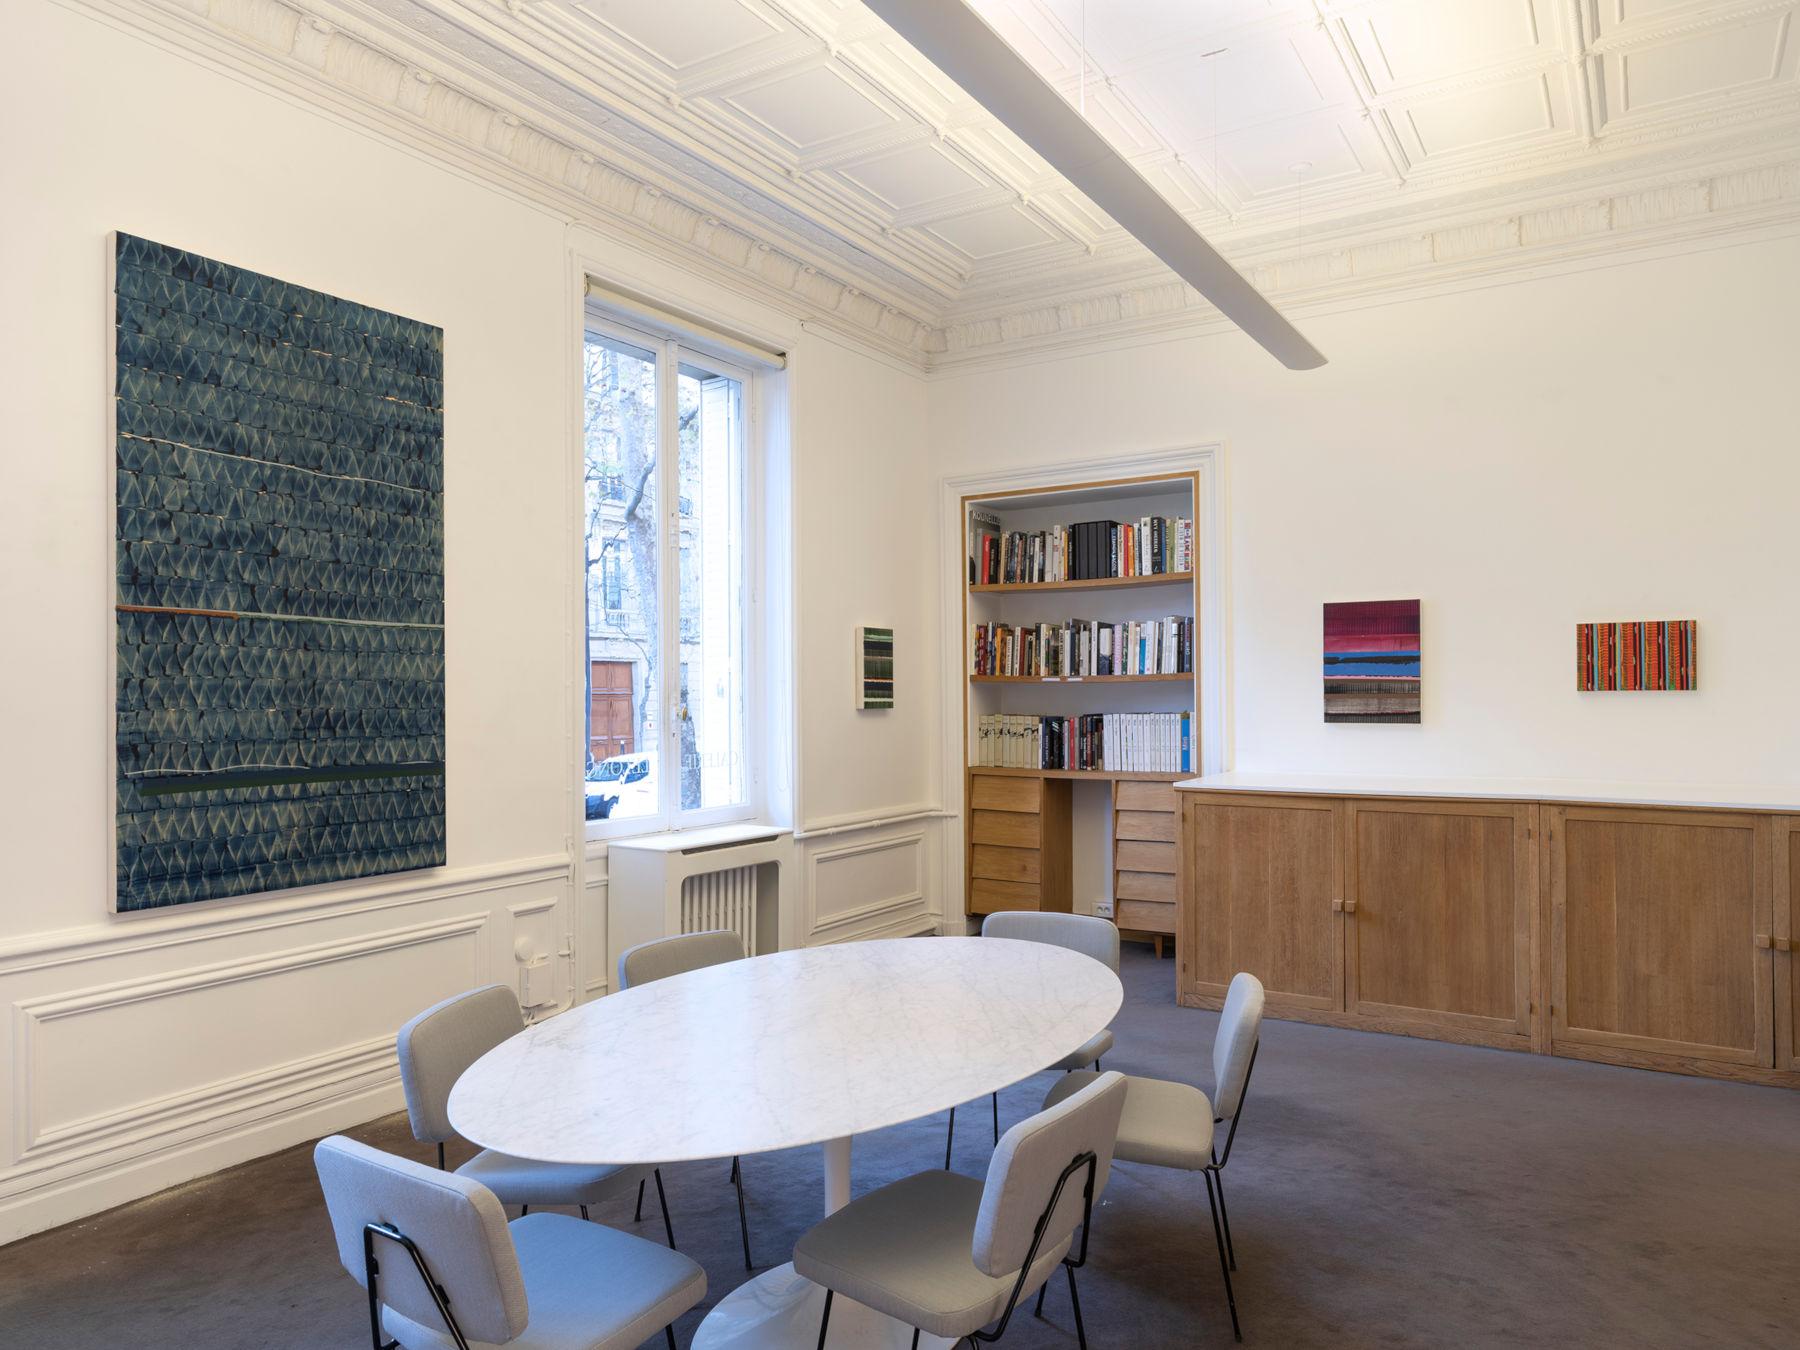 Galerie Lelong Juan Usle 1